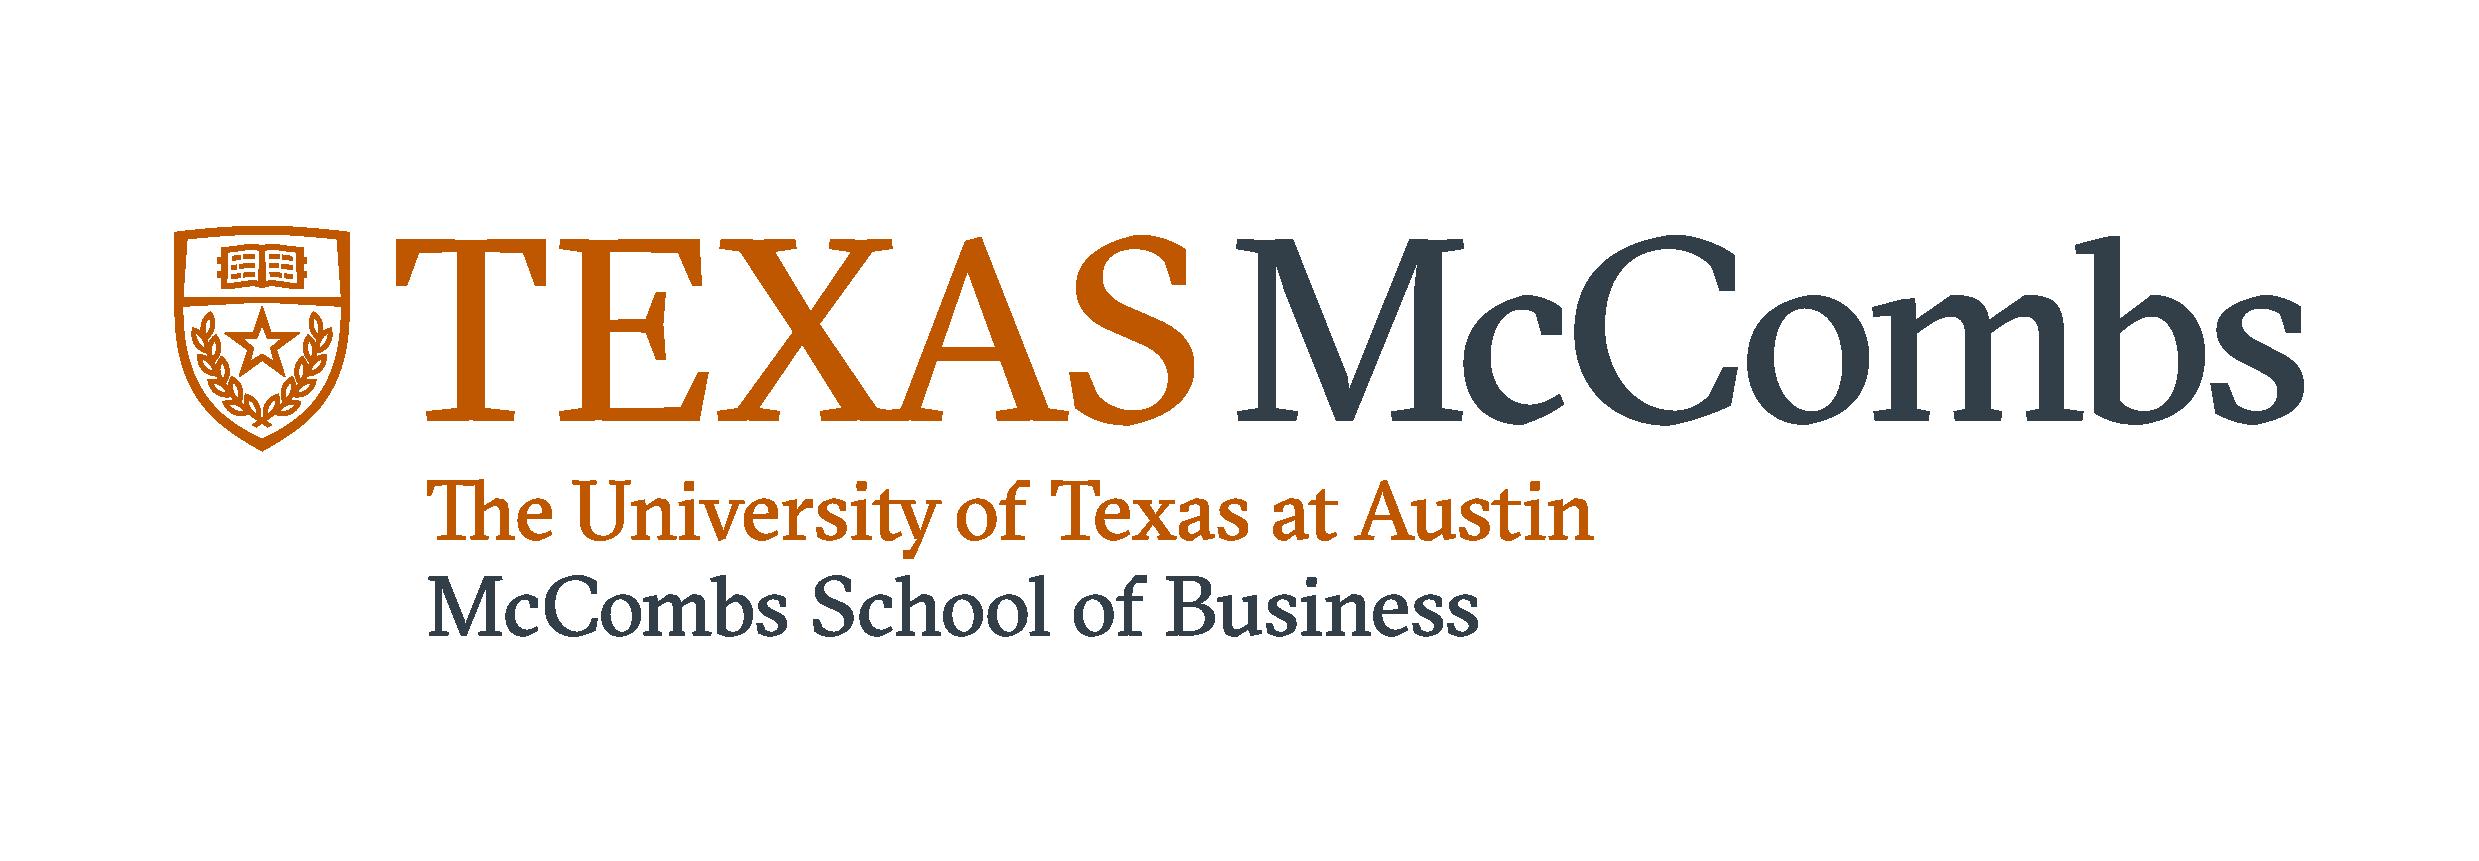 texus university mccombs business school.png